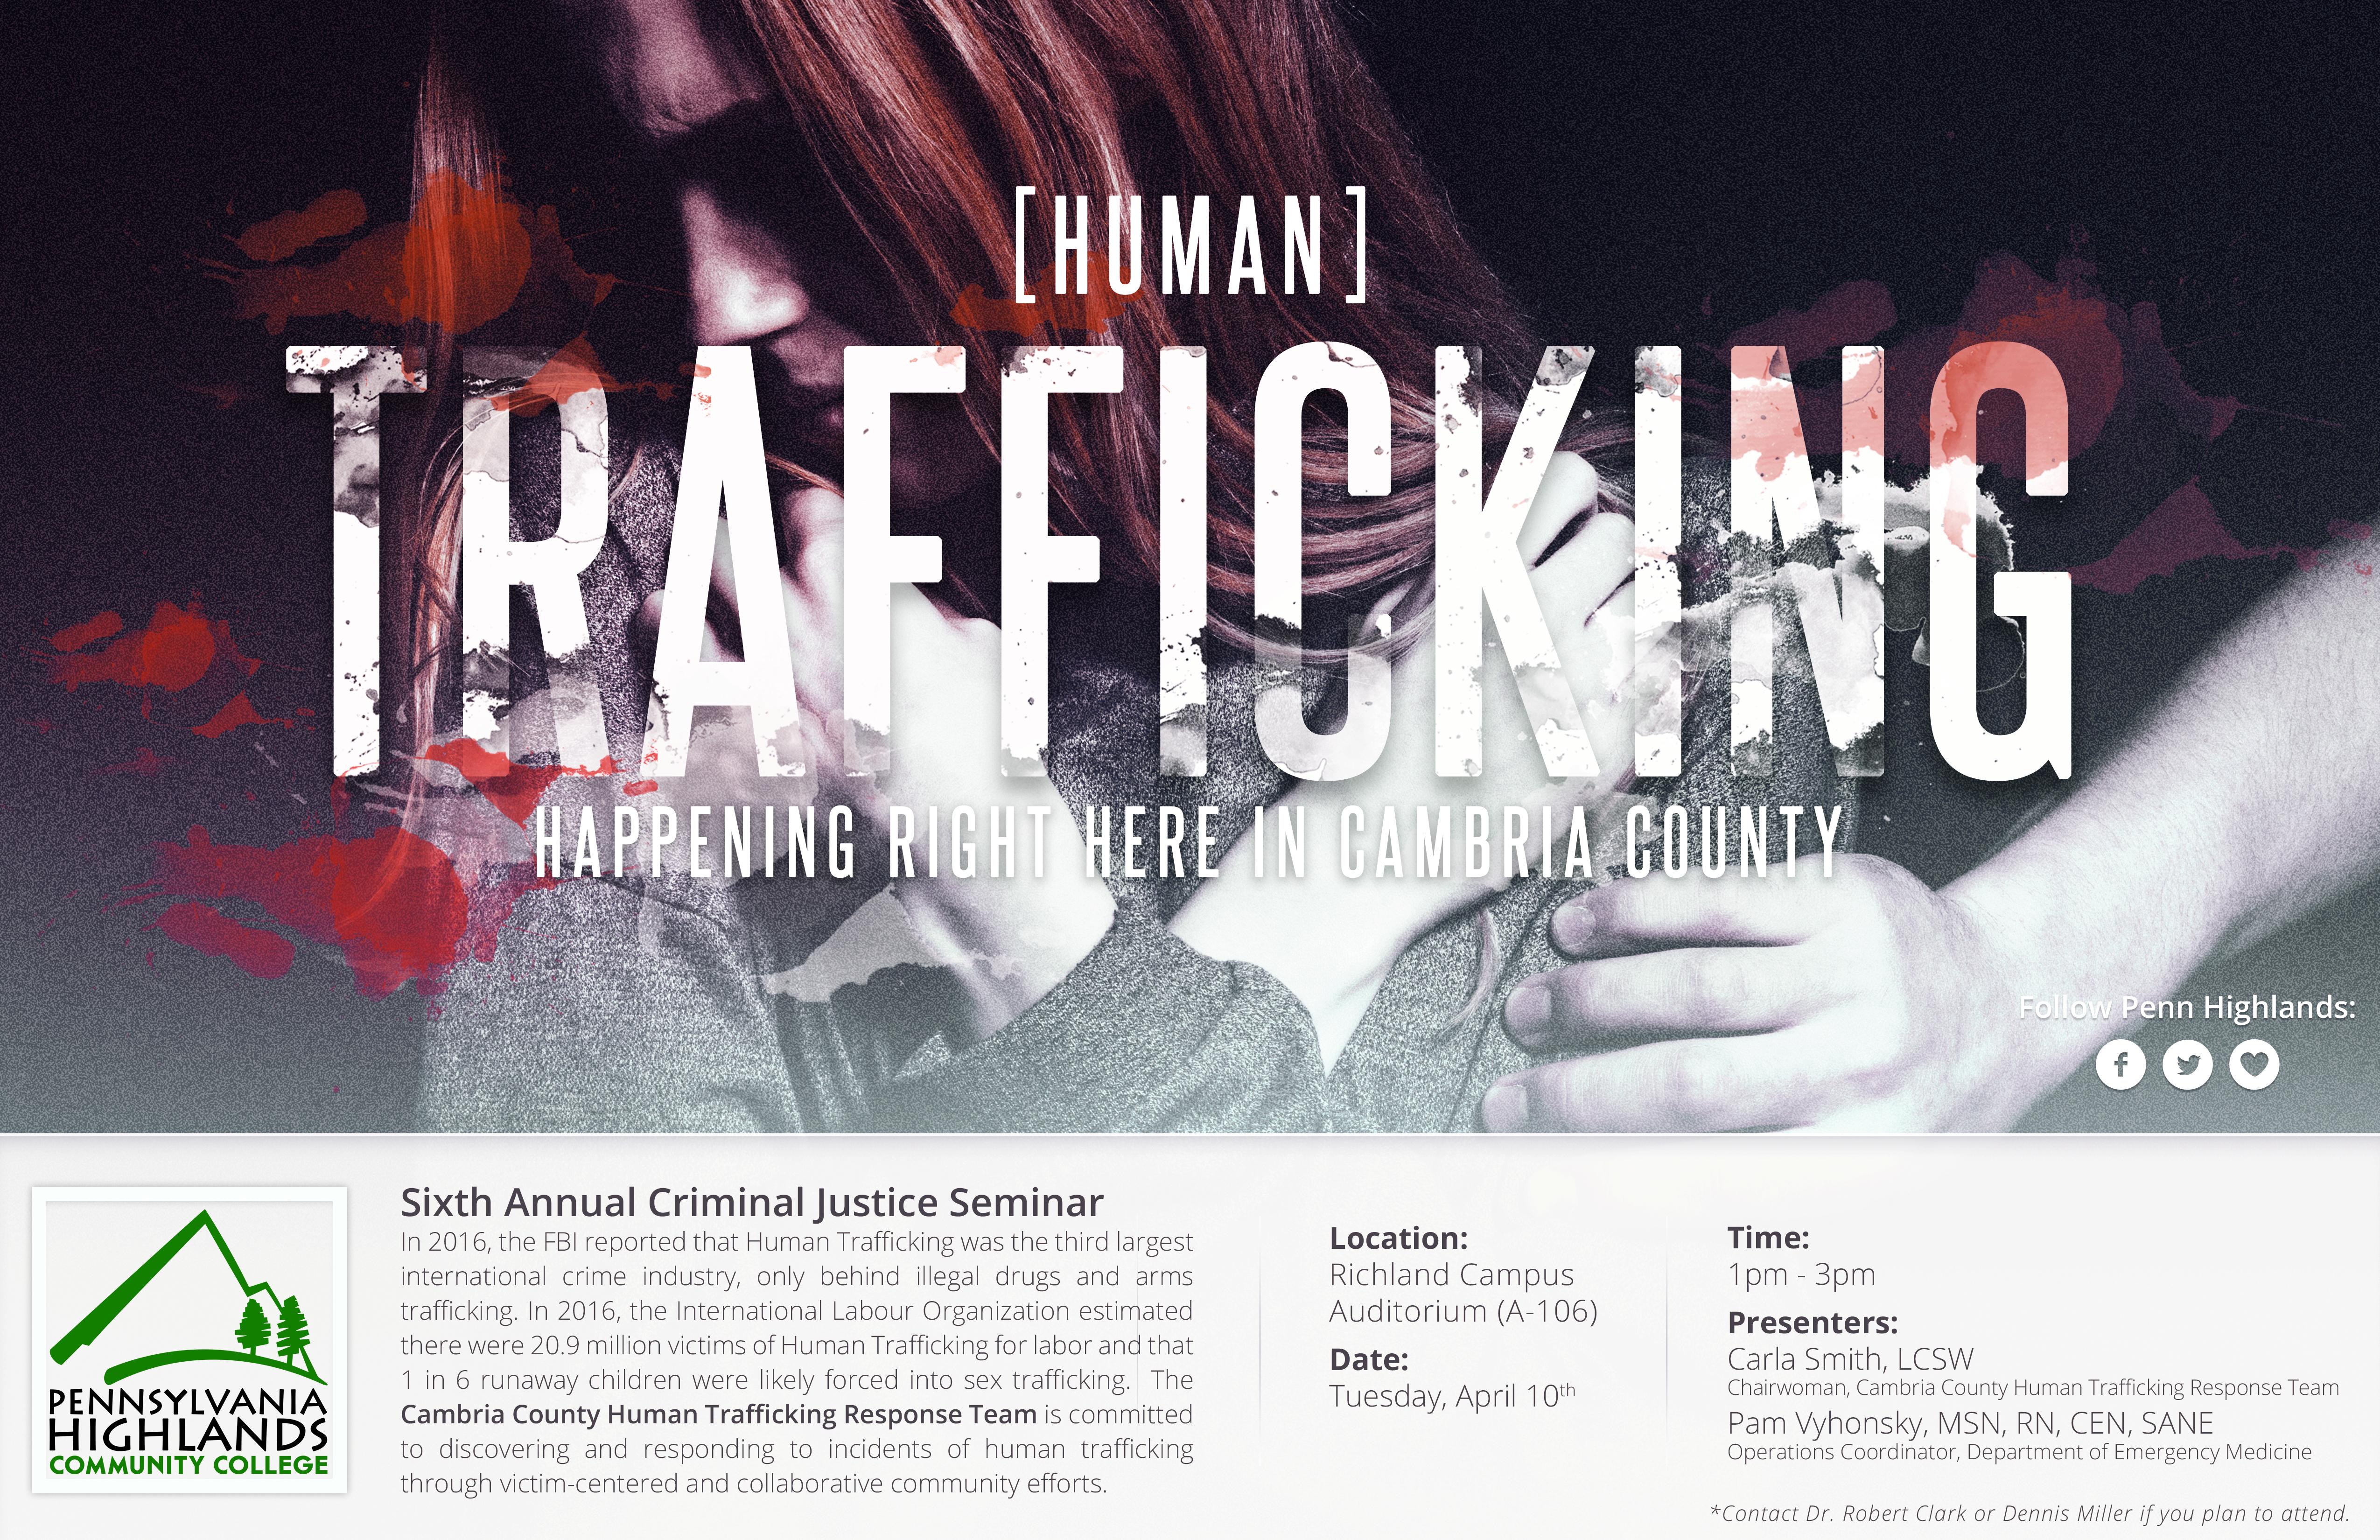 Criminal Justice Seminar Poster